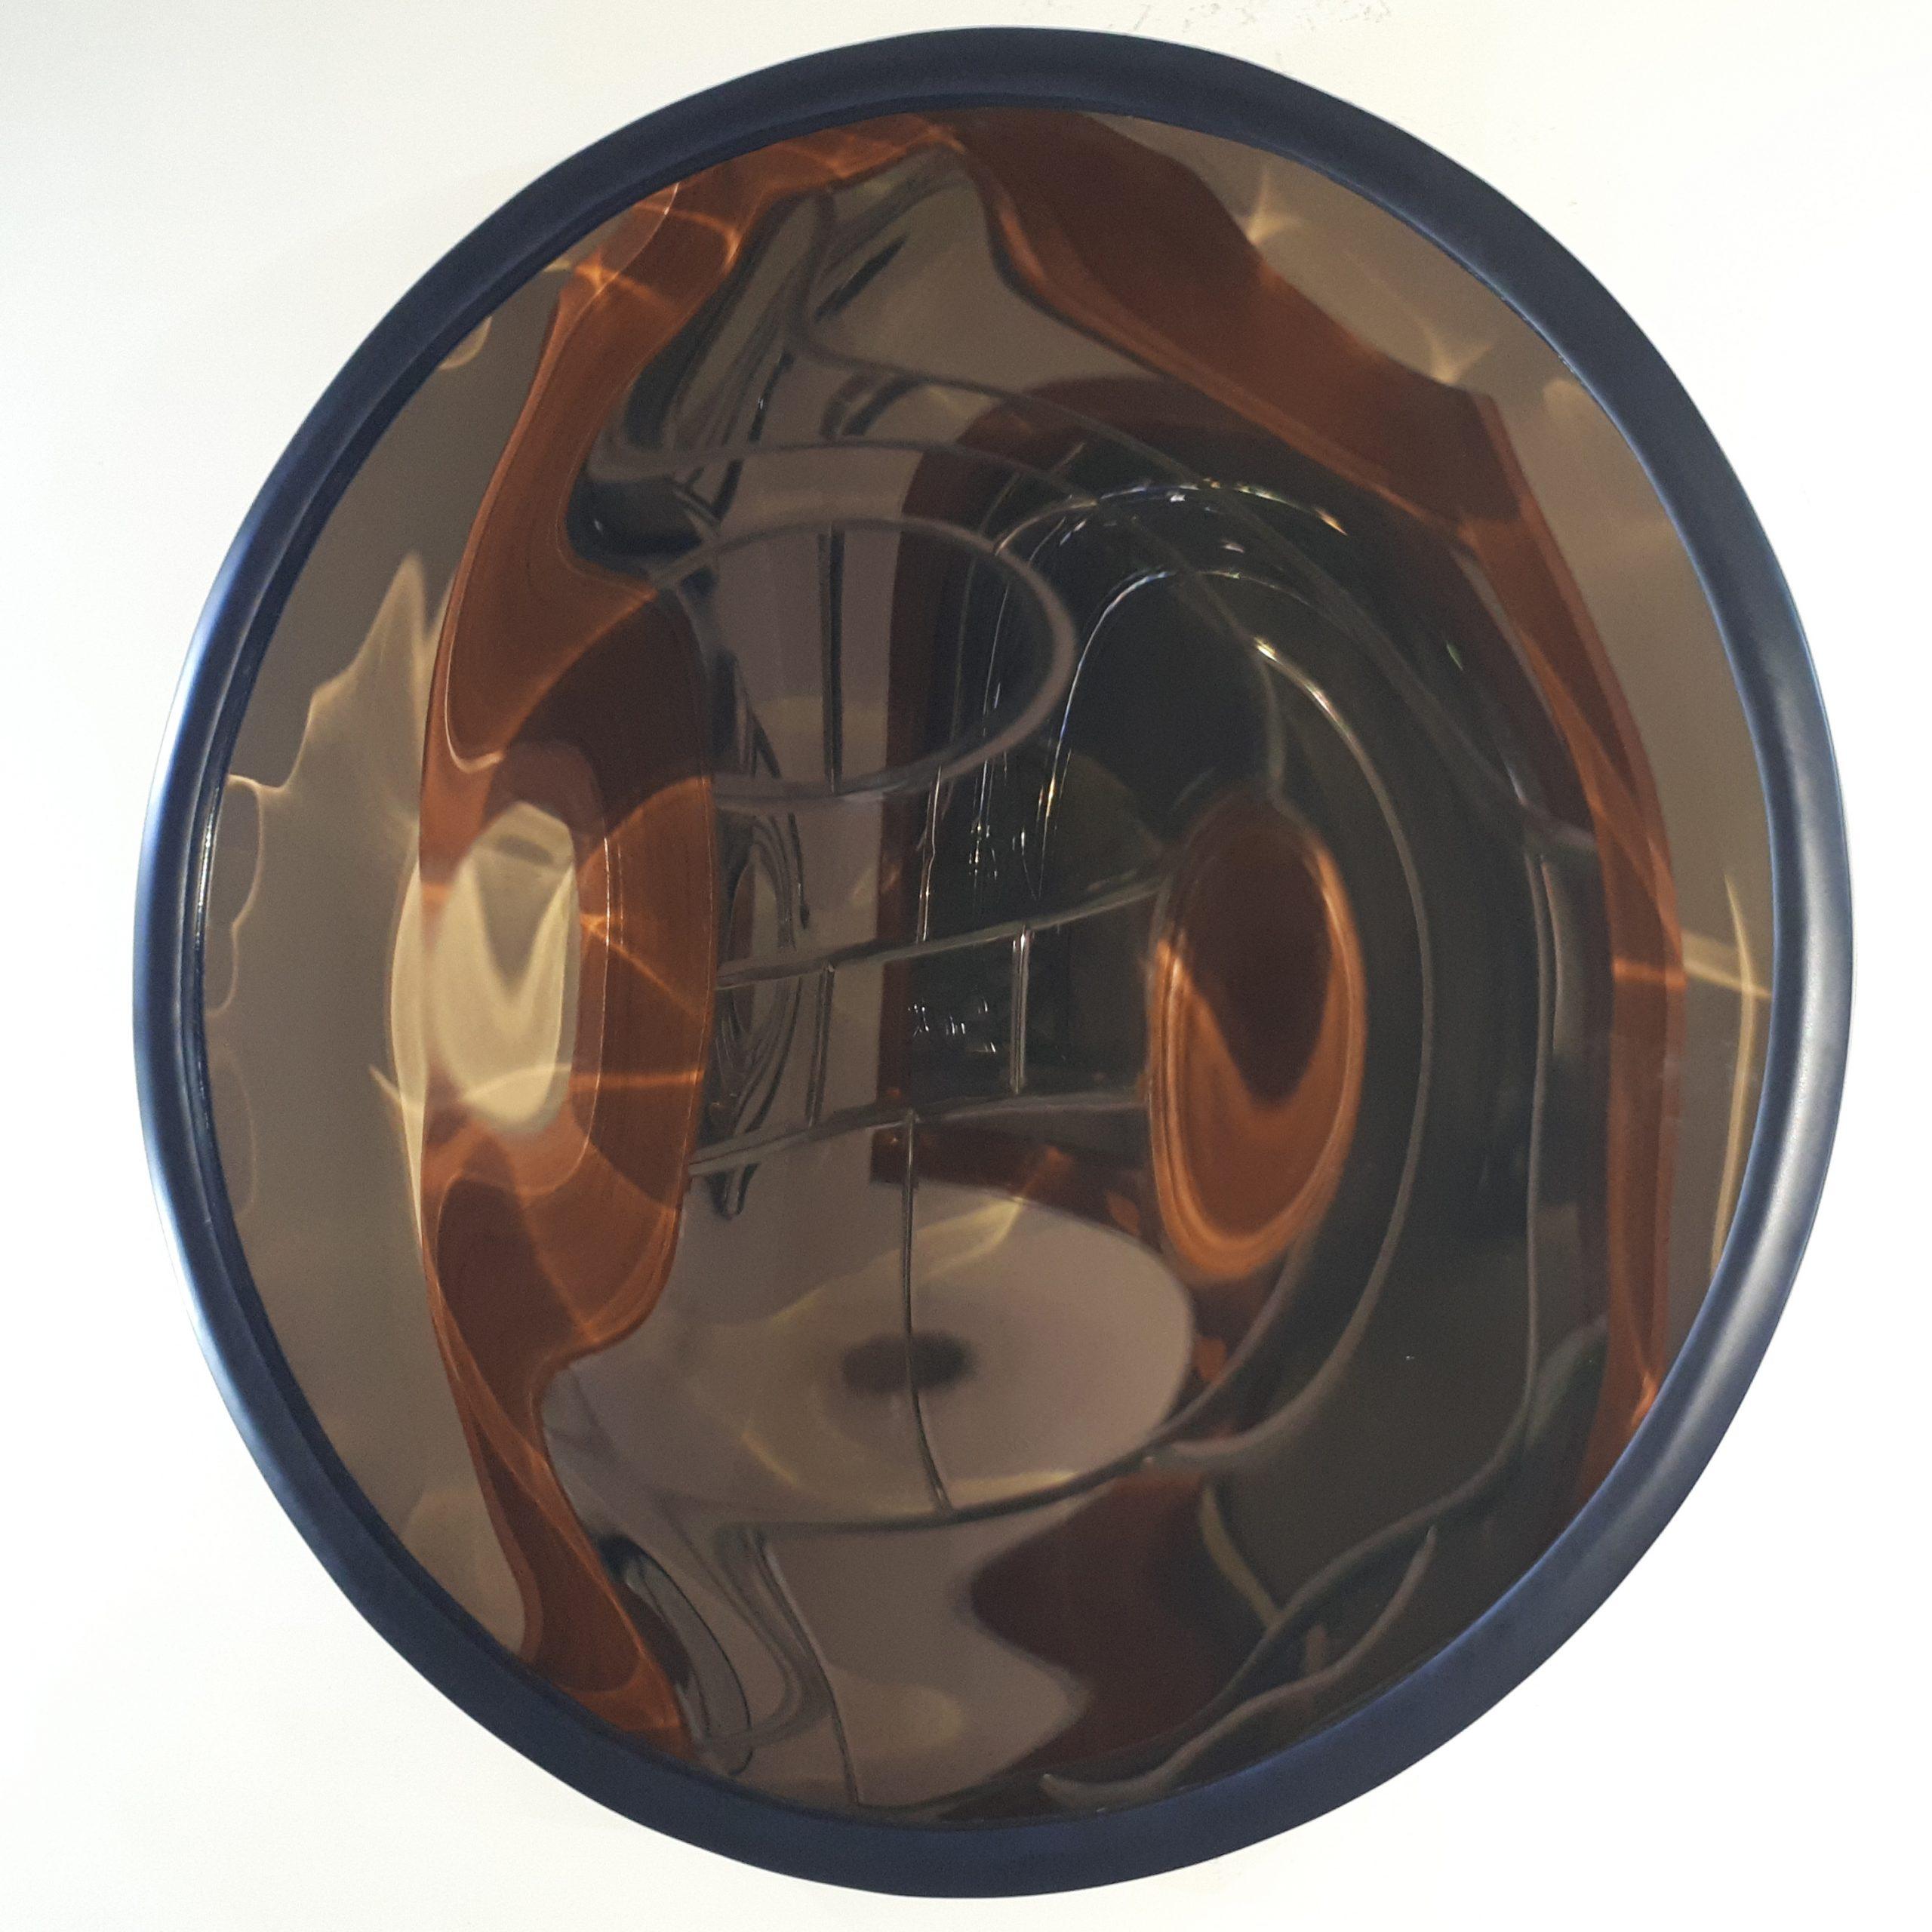 Antique mirror manufacturers